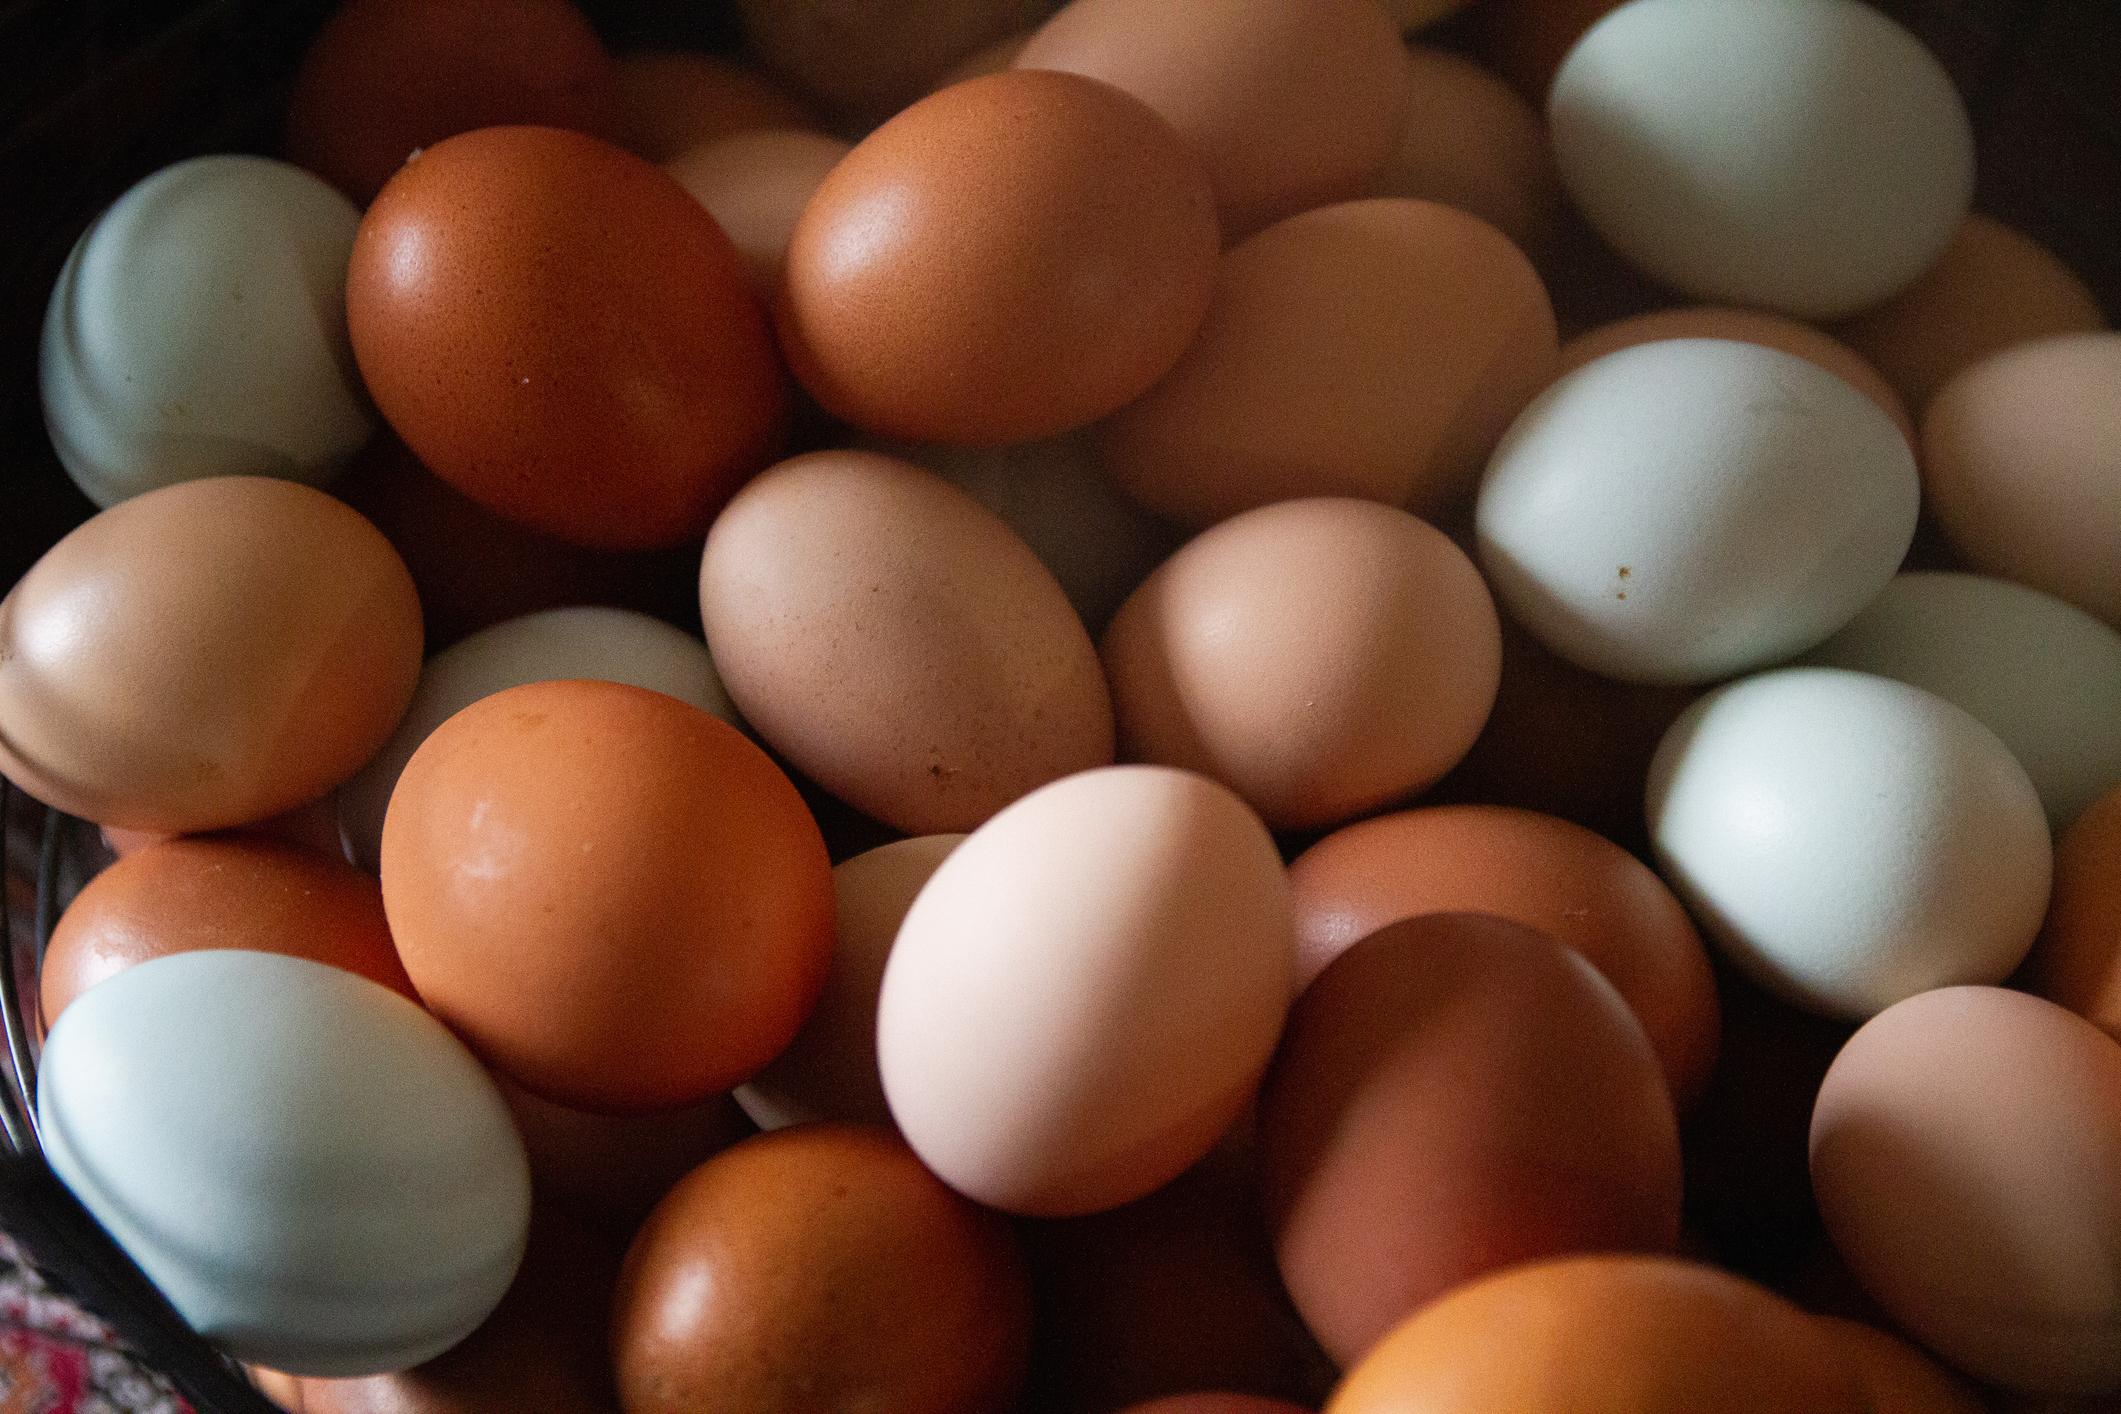 <p><strong>Ще отслабнете</strong></p>  <p>Яйцата засищат и затова са супер подходящи, ако искате да свалите килограми. Съдържат много хранителни вещества, а имат малко калории (малко под 200). Ако закусвате две варени яйца, през деня ще изядете много по-малко храна.</p>